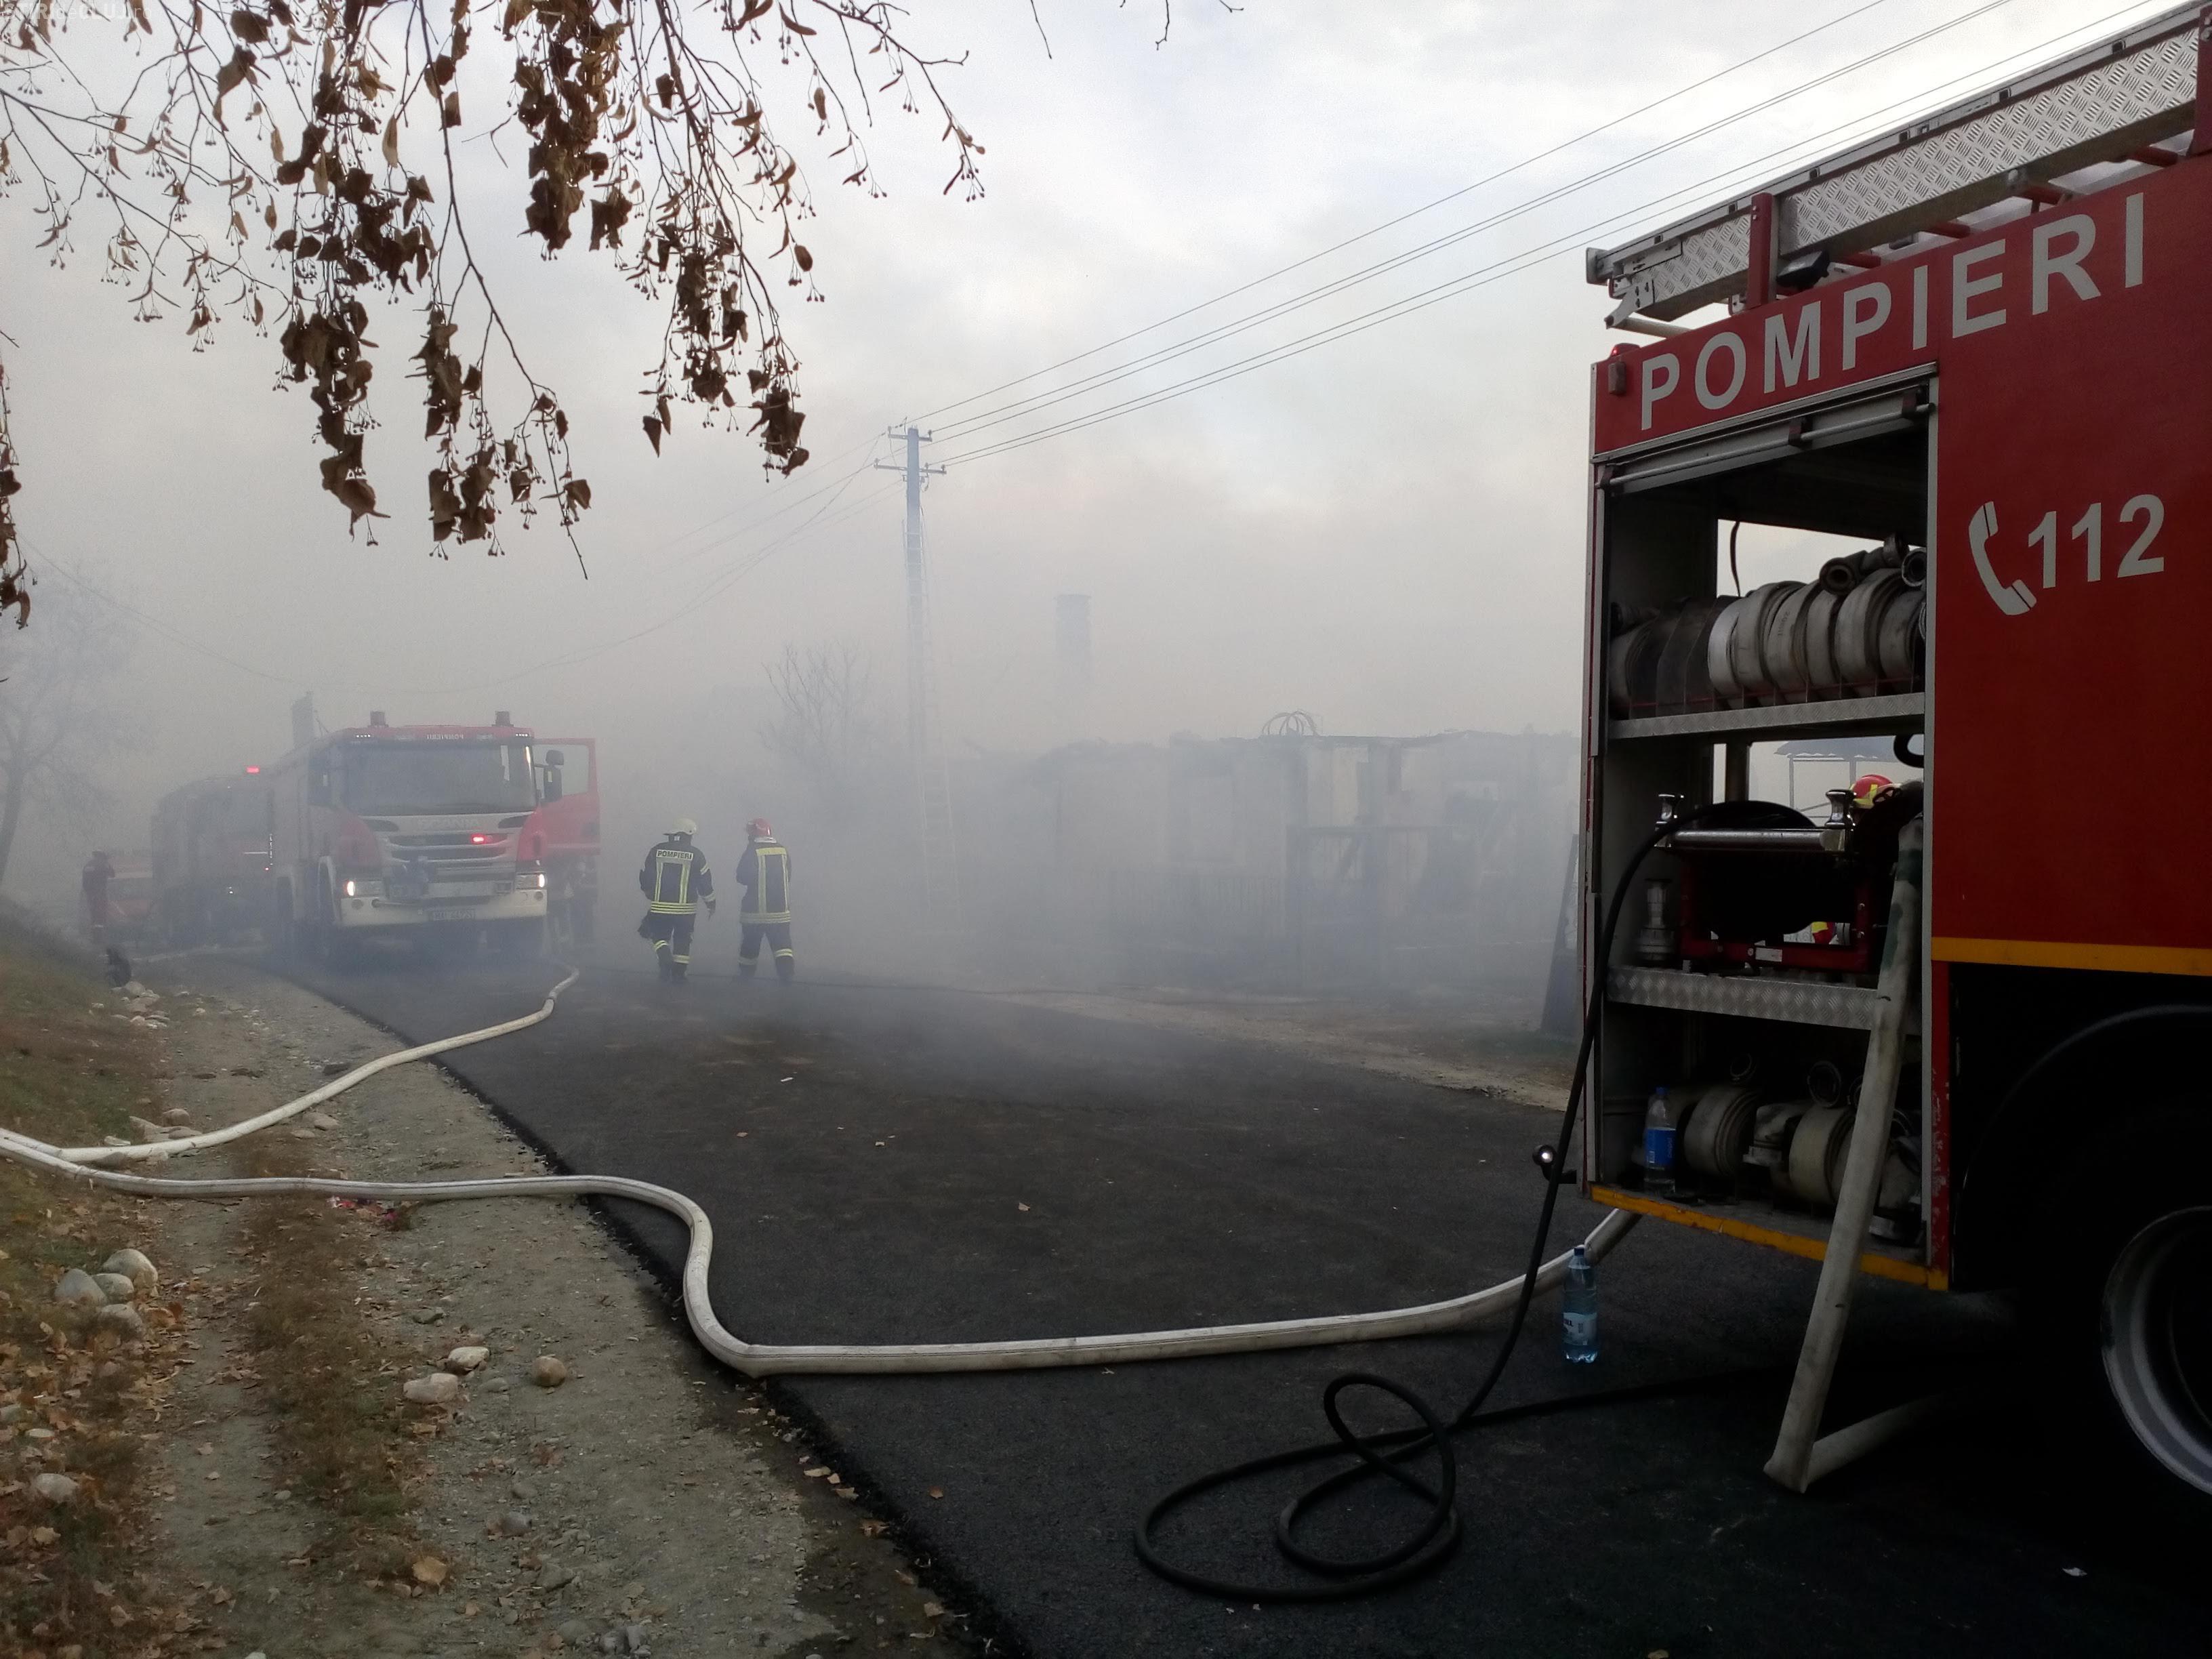 Trei incendii puternice la Cluj, într-o singură zi. Pompierii au avut peste 100 de intervenții în weekend FOTO/VIDEO